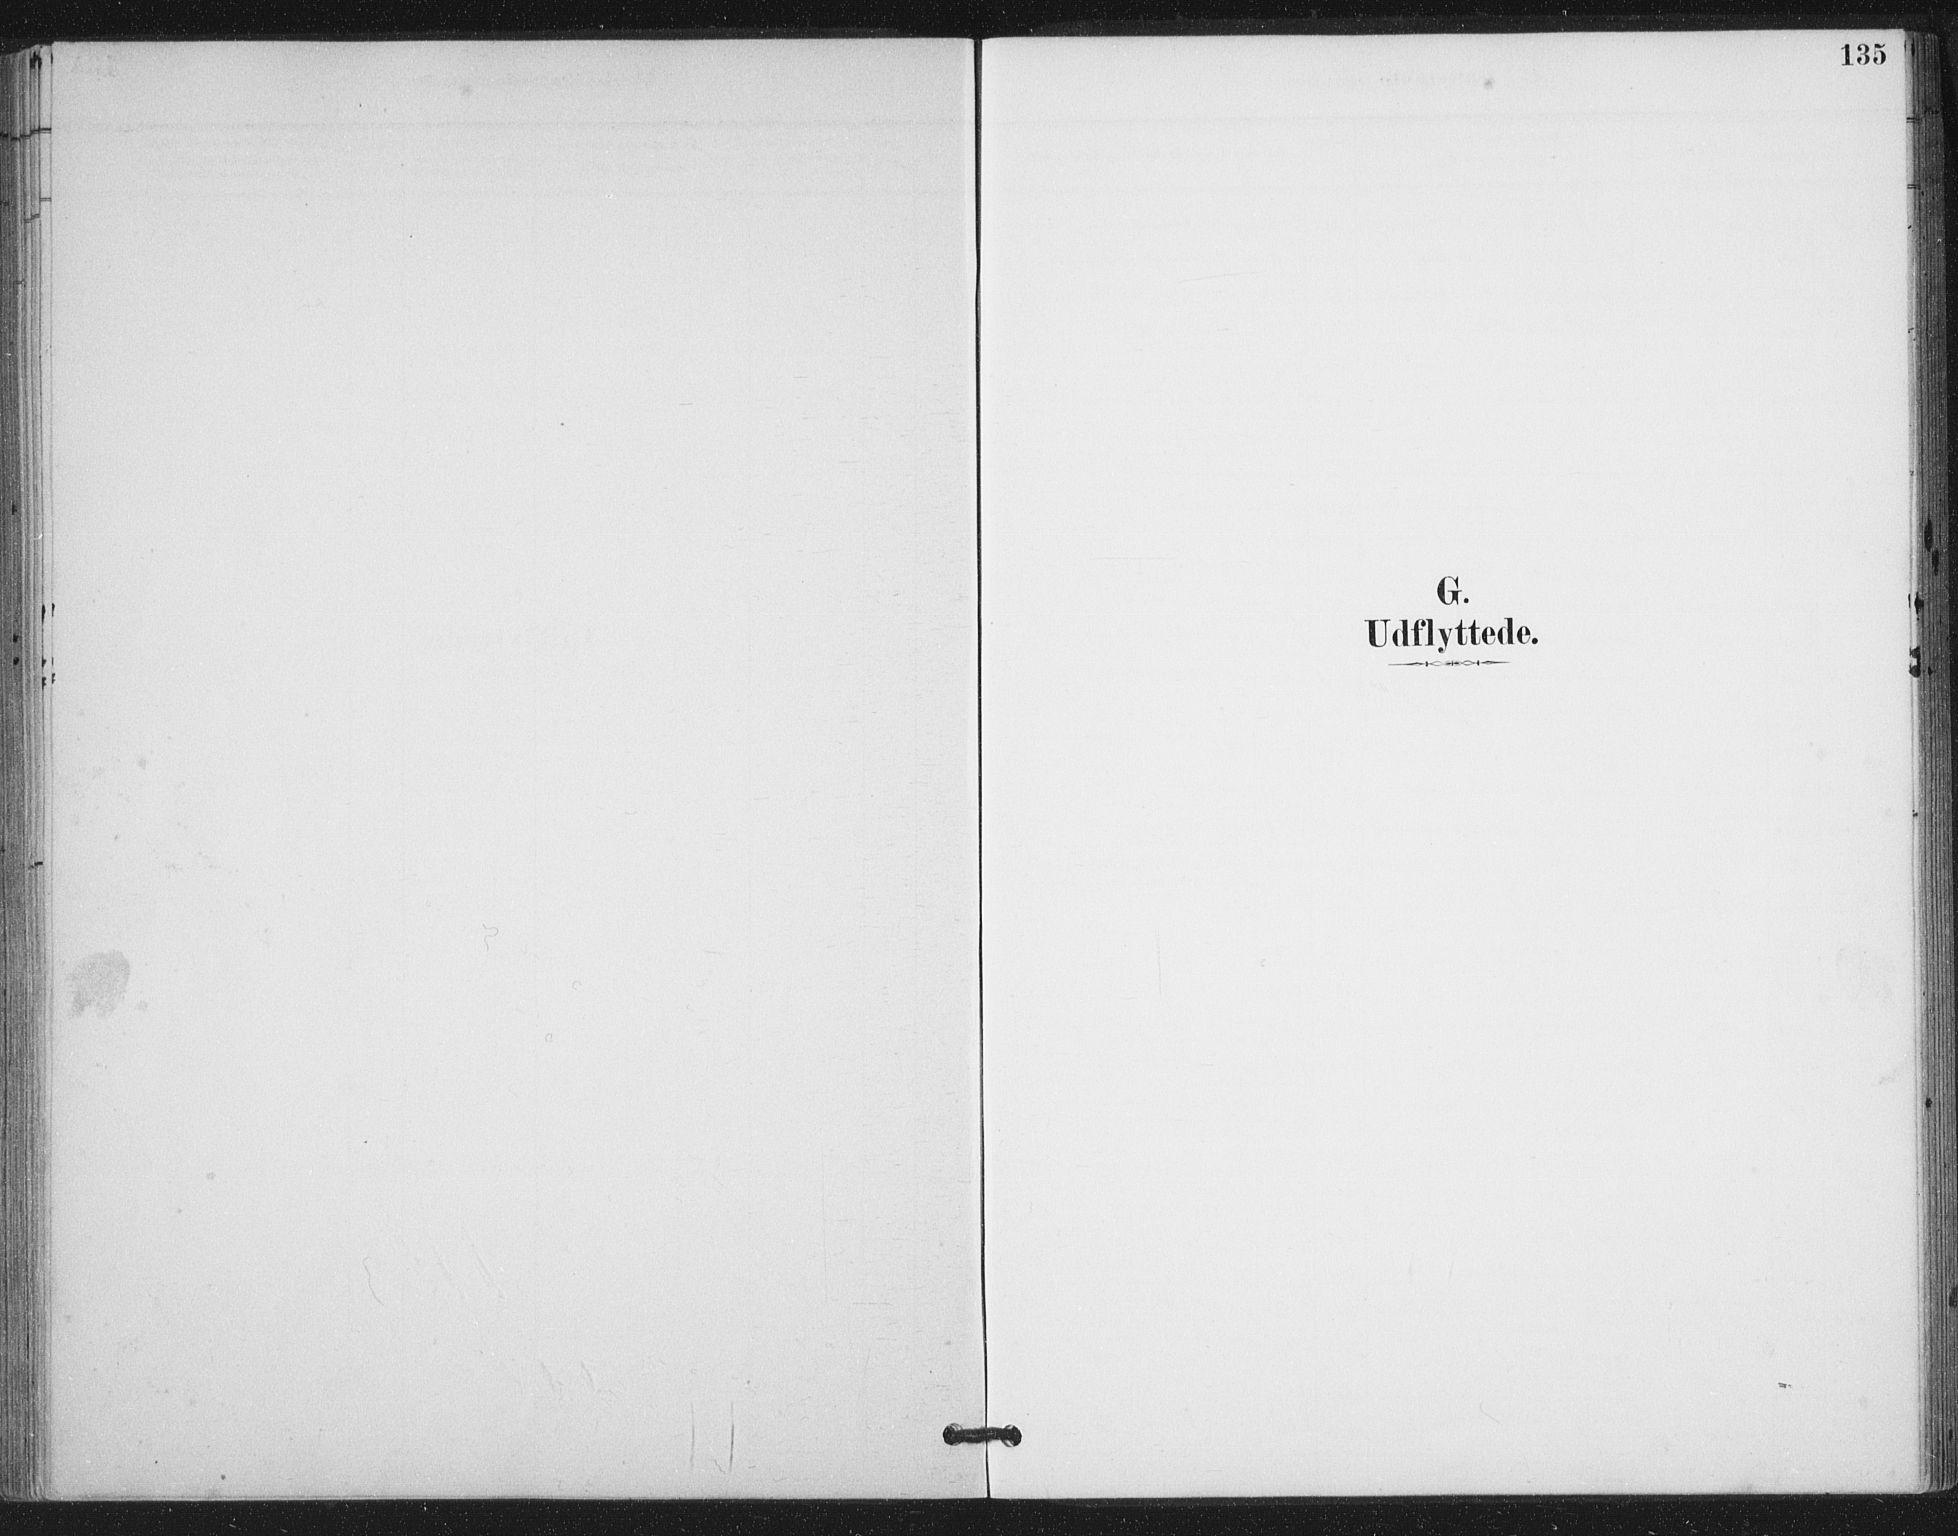 SAT, Ministerialprotokoller, klokkerbøker og fødselsregistre - Nord-Trøndelag, 783/L0660: Ministerialbok nr. 783A02, 1886-1918, s. 135